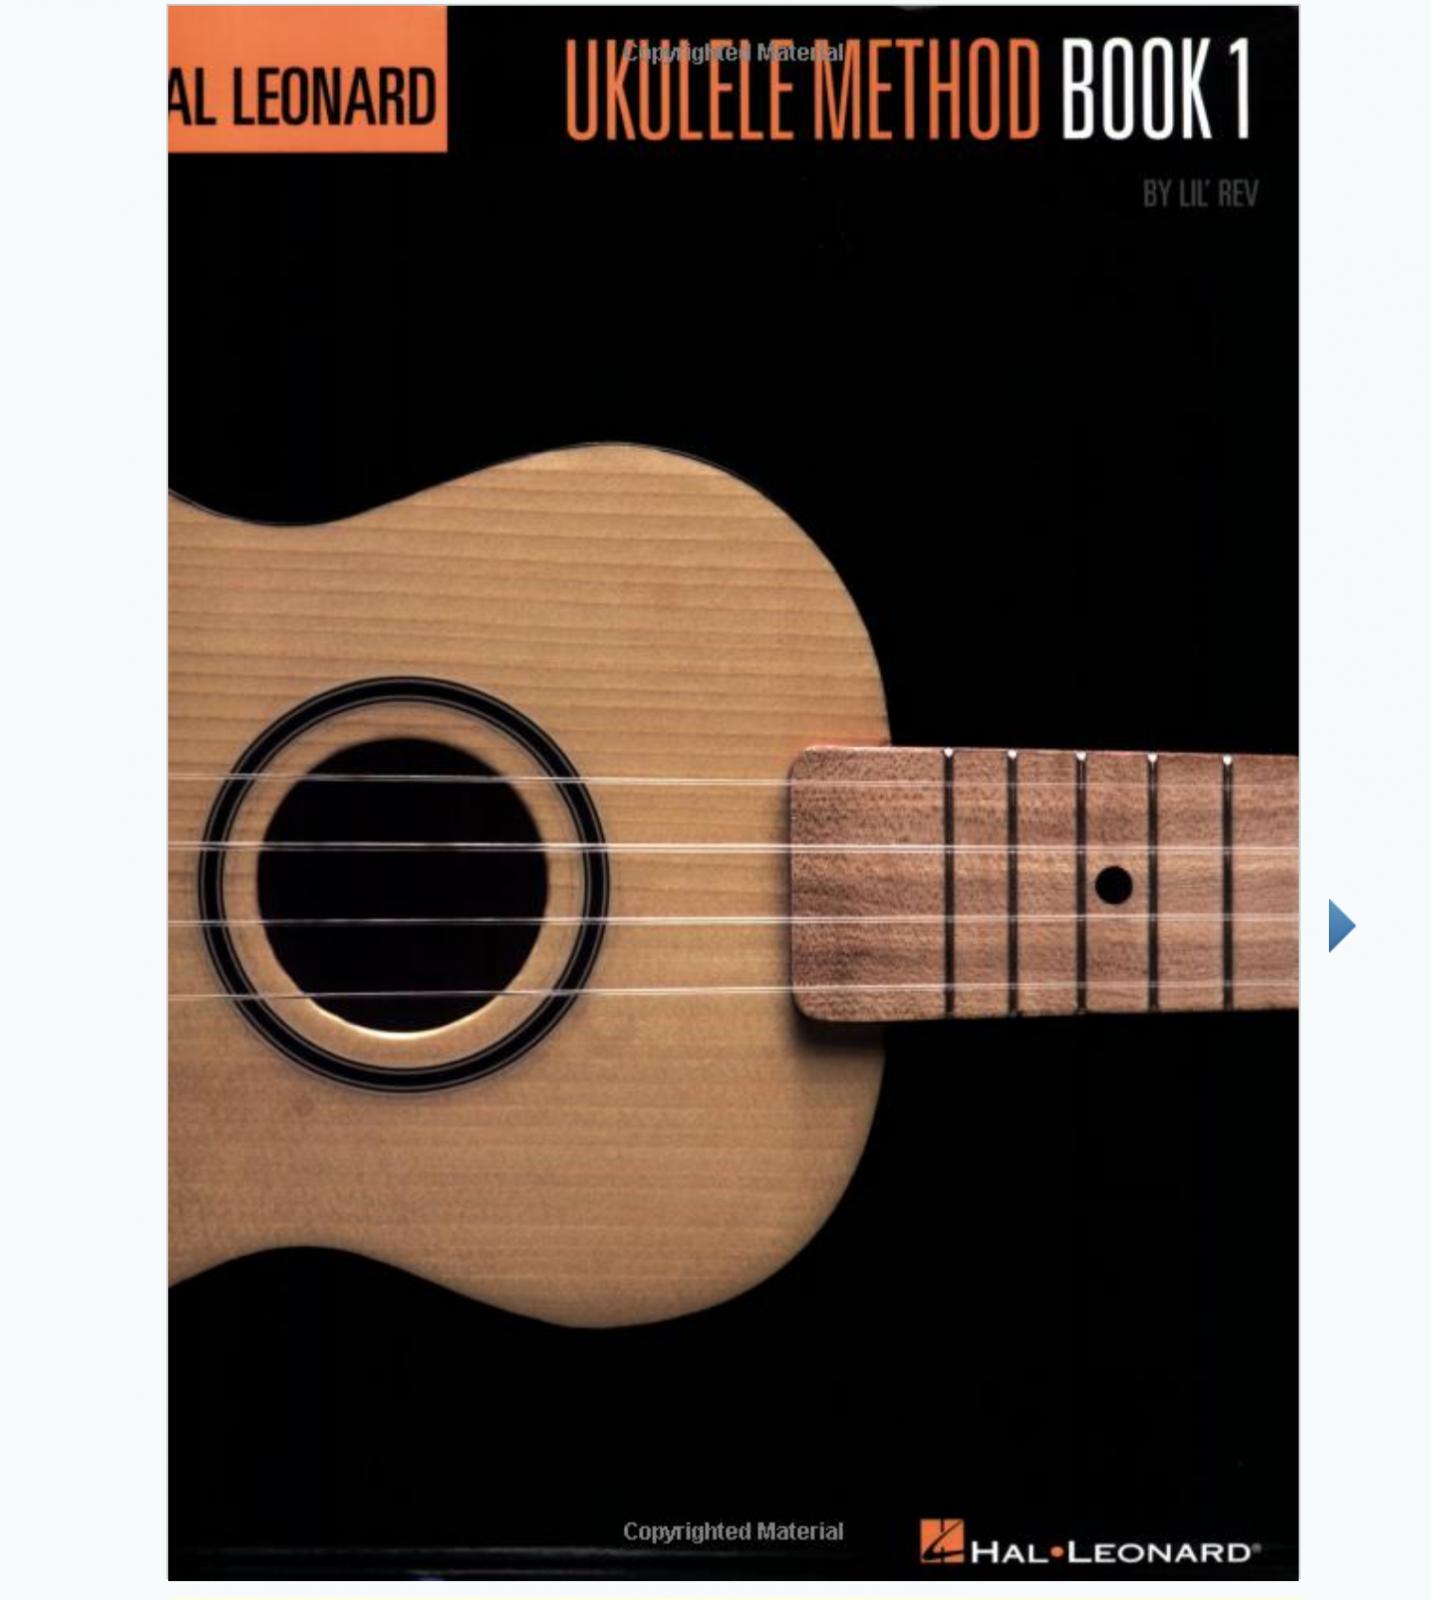 HAL LEONARD METHOD BOOK